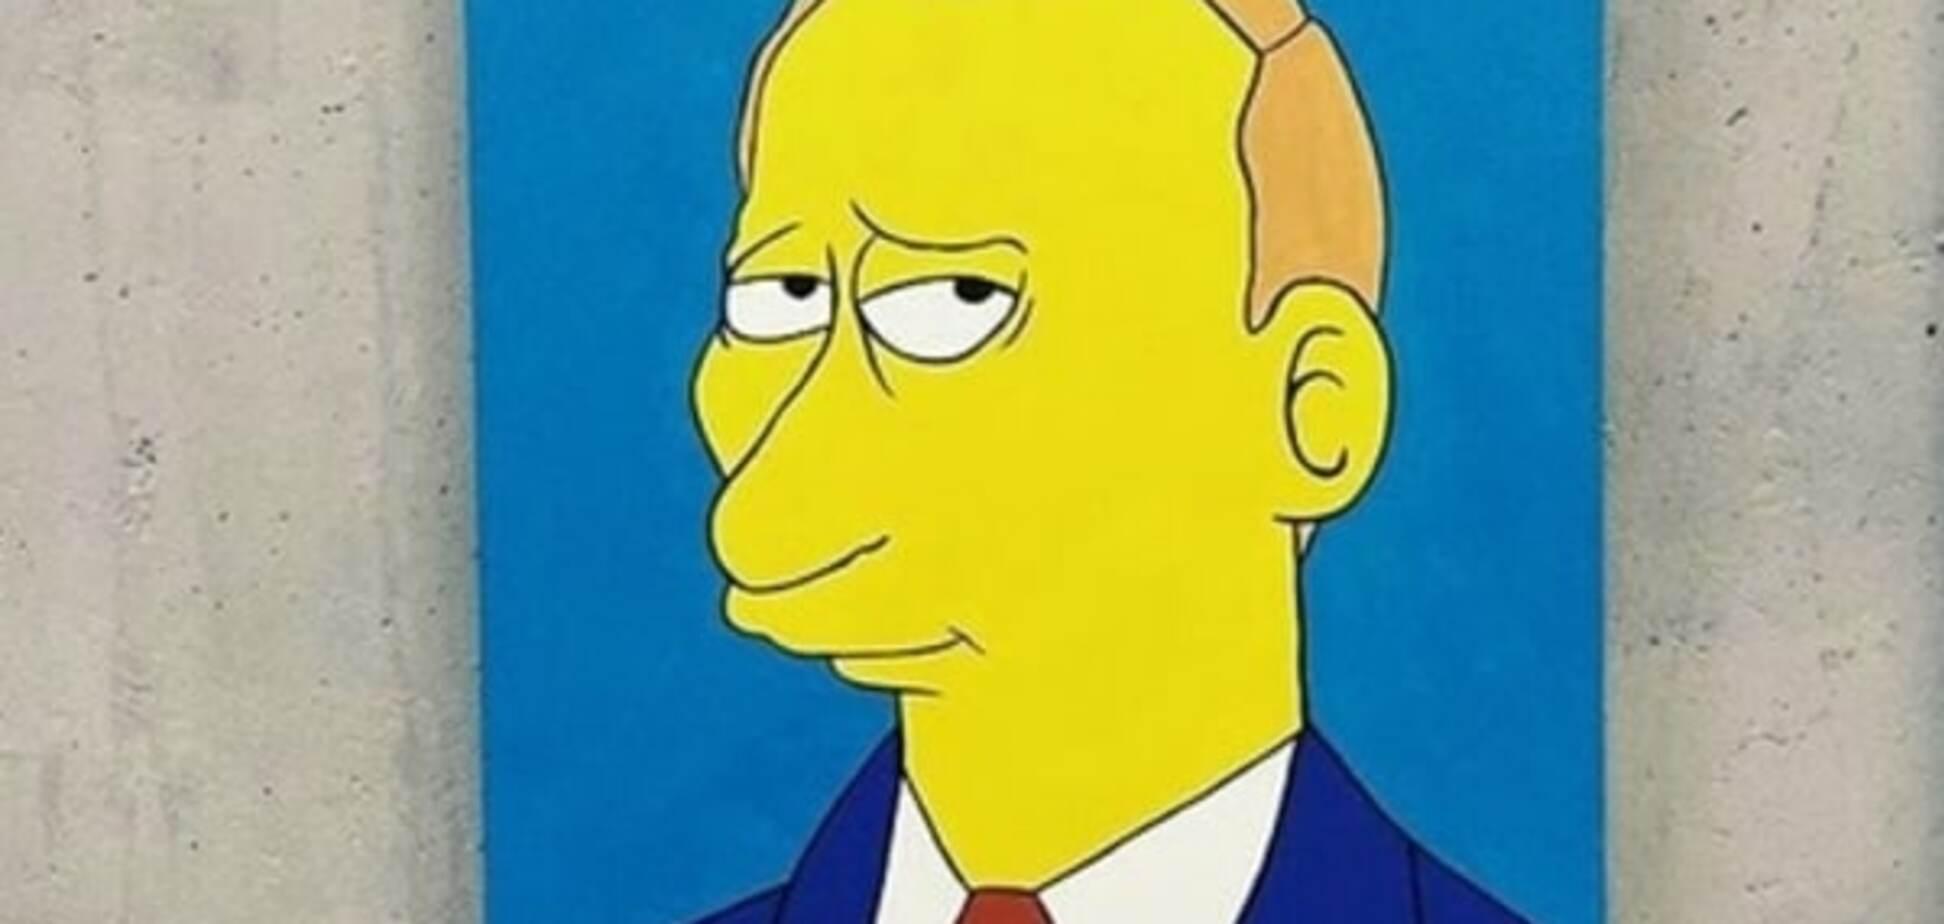 С московской выставки украли портрет Путина в стиле 'Симпсонов'